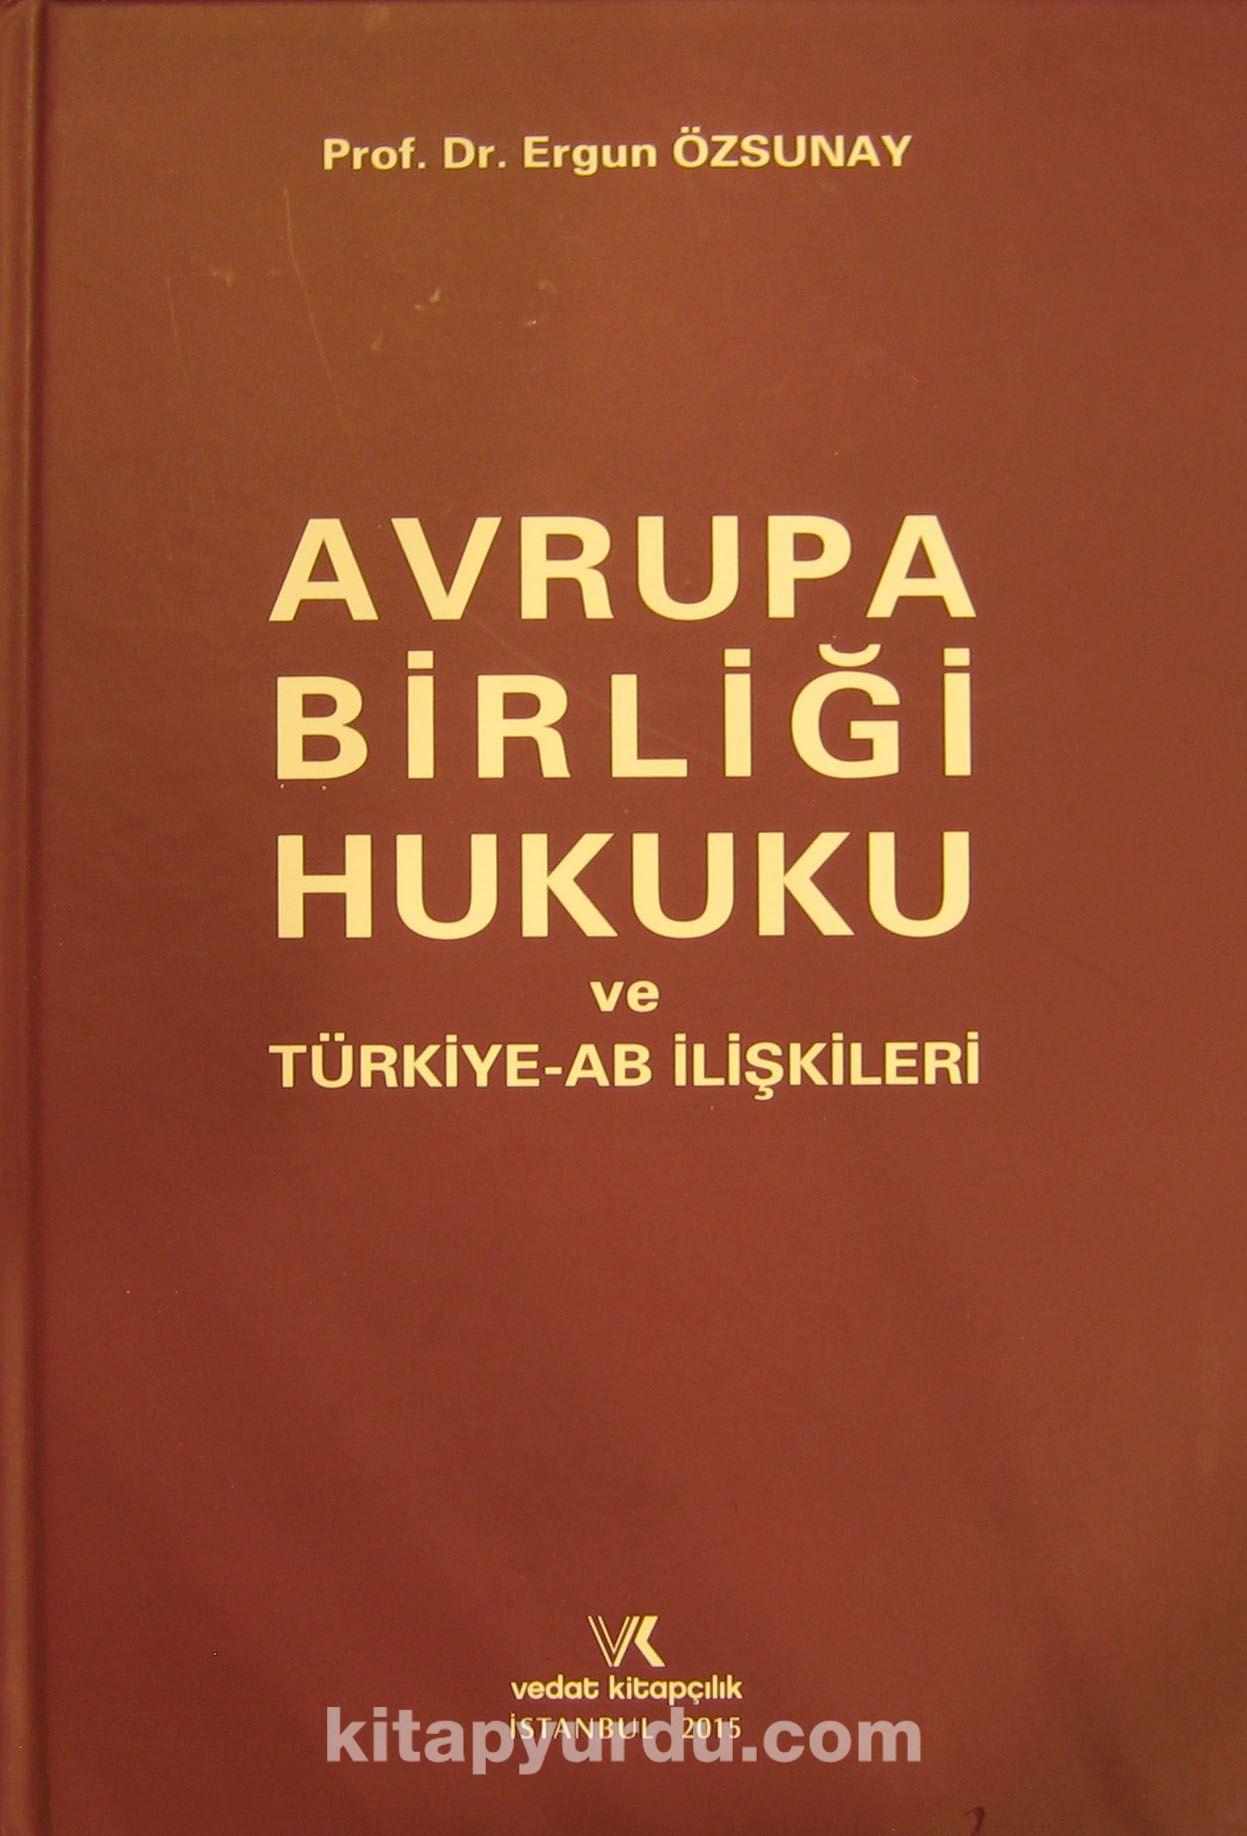 Avrupa Birliği Hukuku ve Türkiye AB İlişkileri - Prof. Dr. Ergun Özsunay pdf epub